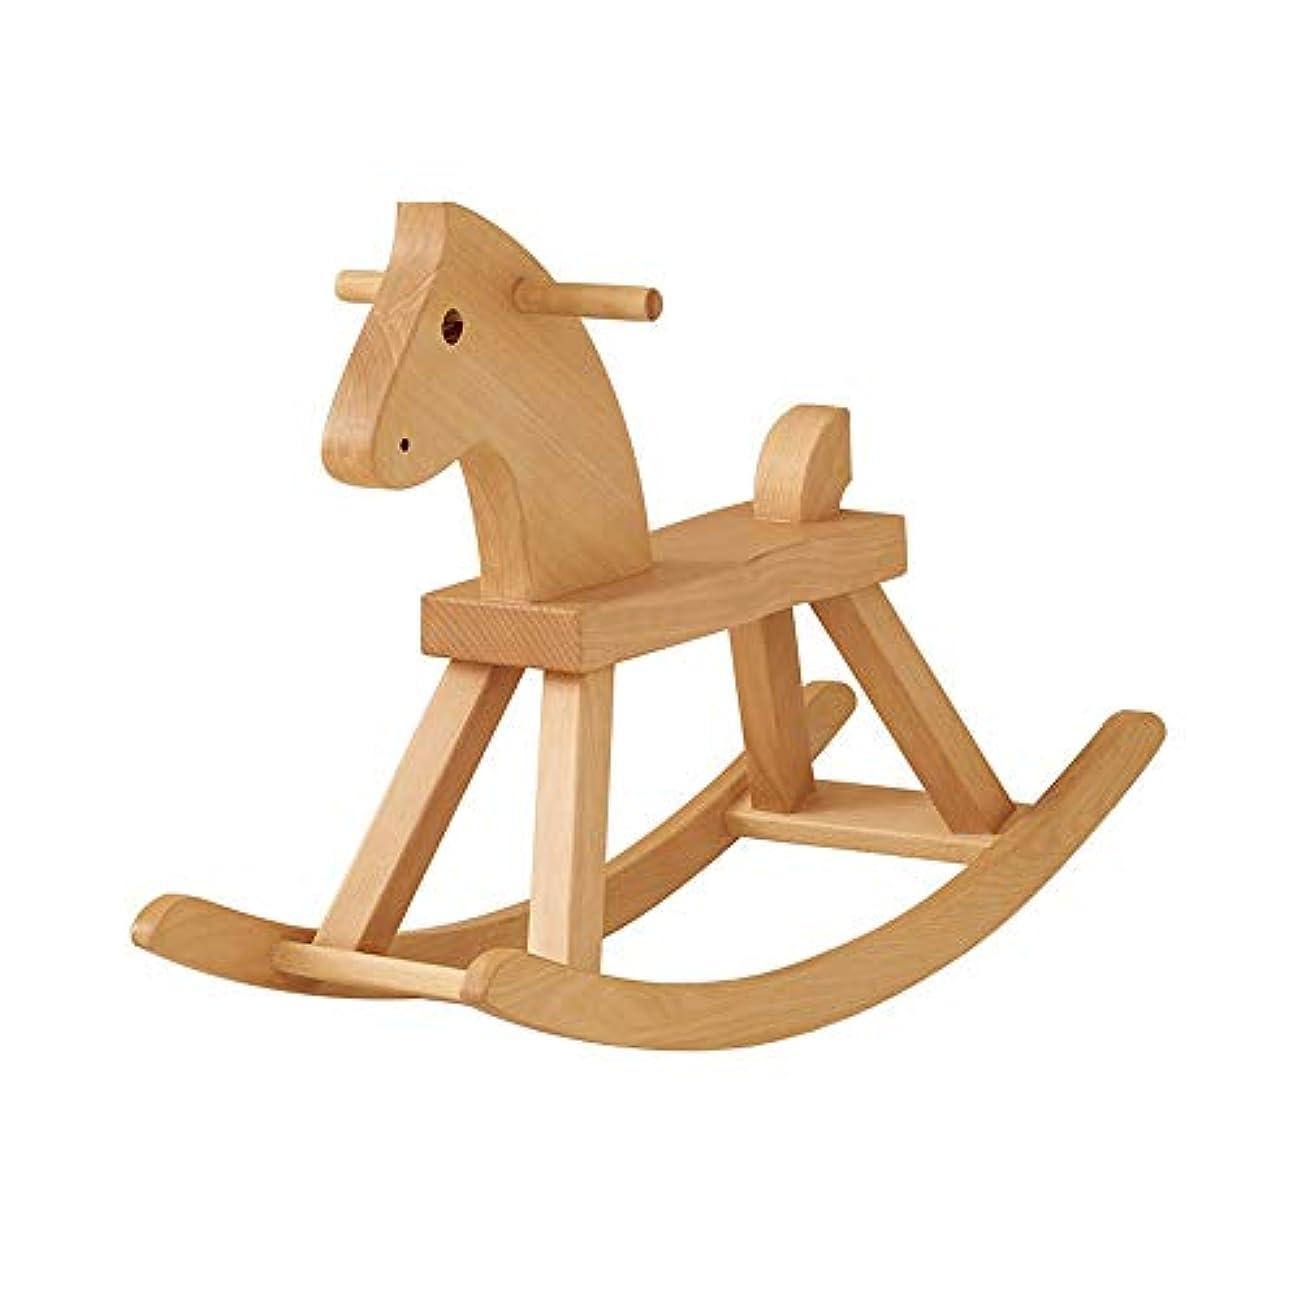 アブストラクトかみそり演じる木馬 木製ロッキングホースベビーウッド乗っておもちゃロッカーのおもちゃのために子供の幼児ライドアニマル屋内屋外 (Color : Wood, Size : Free size)